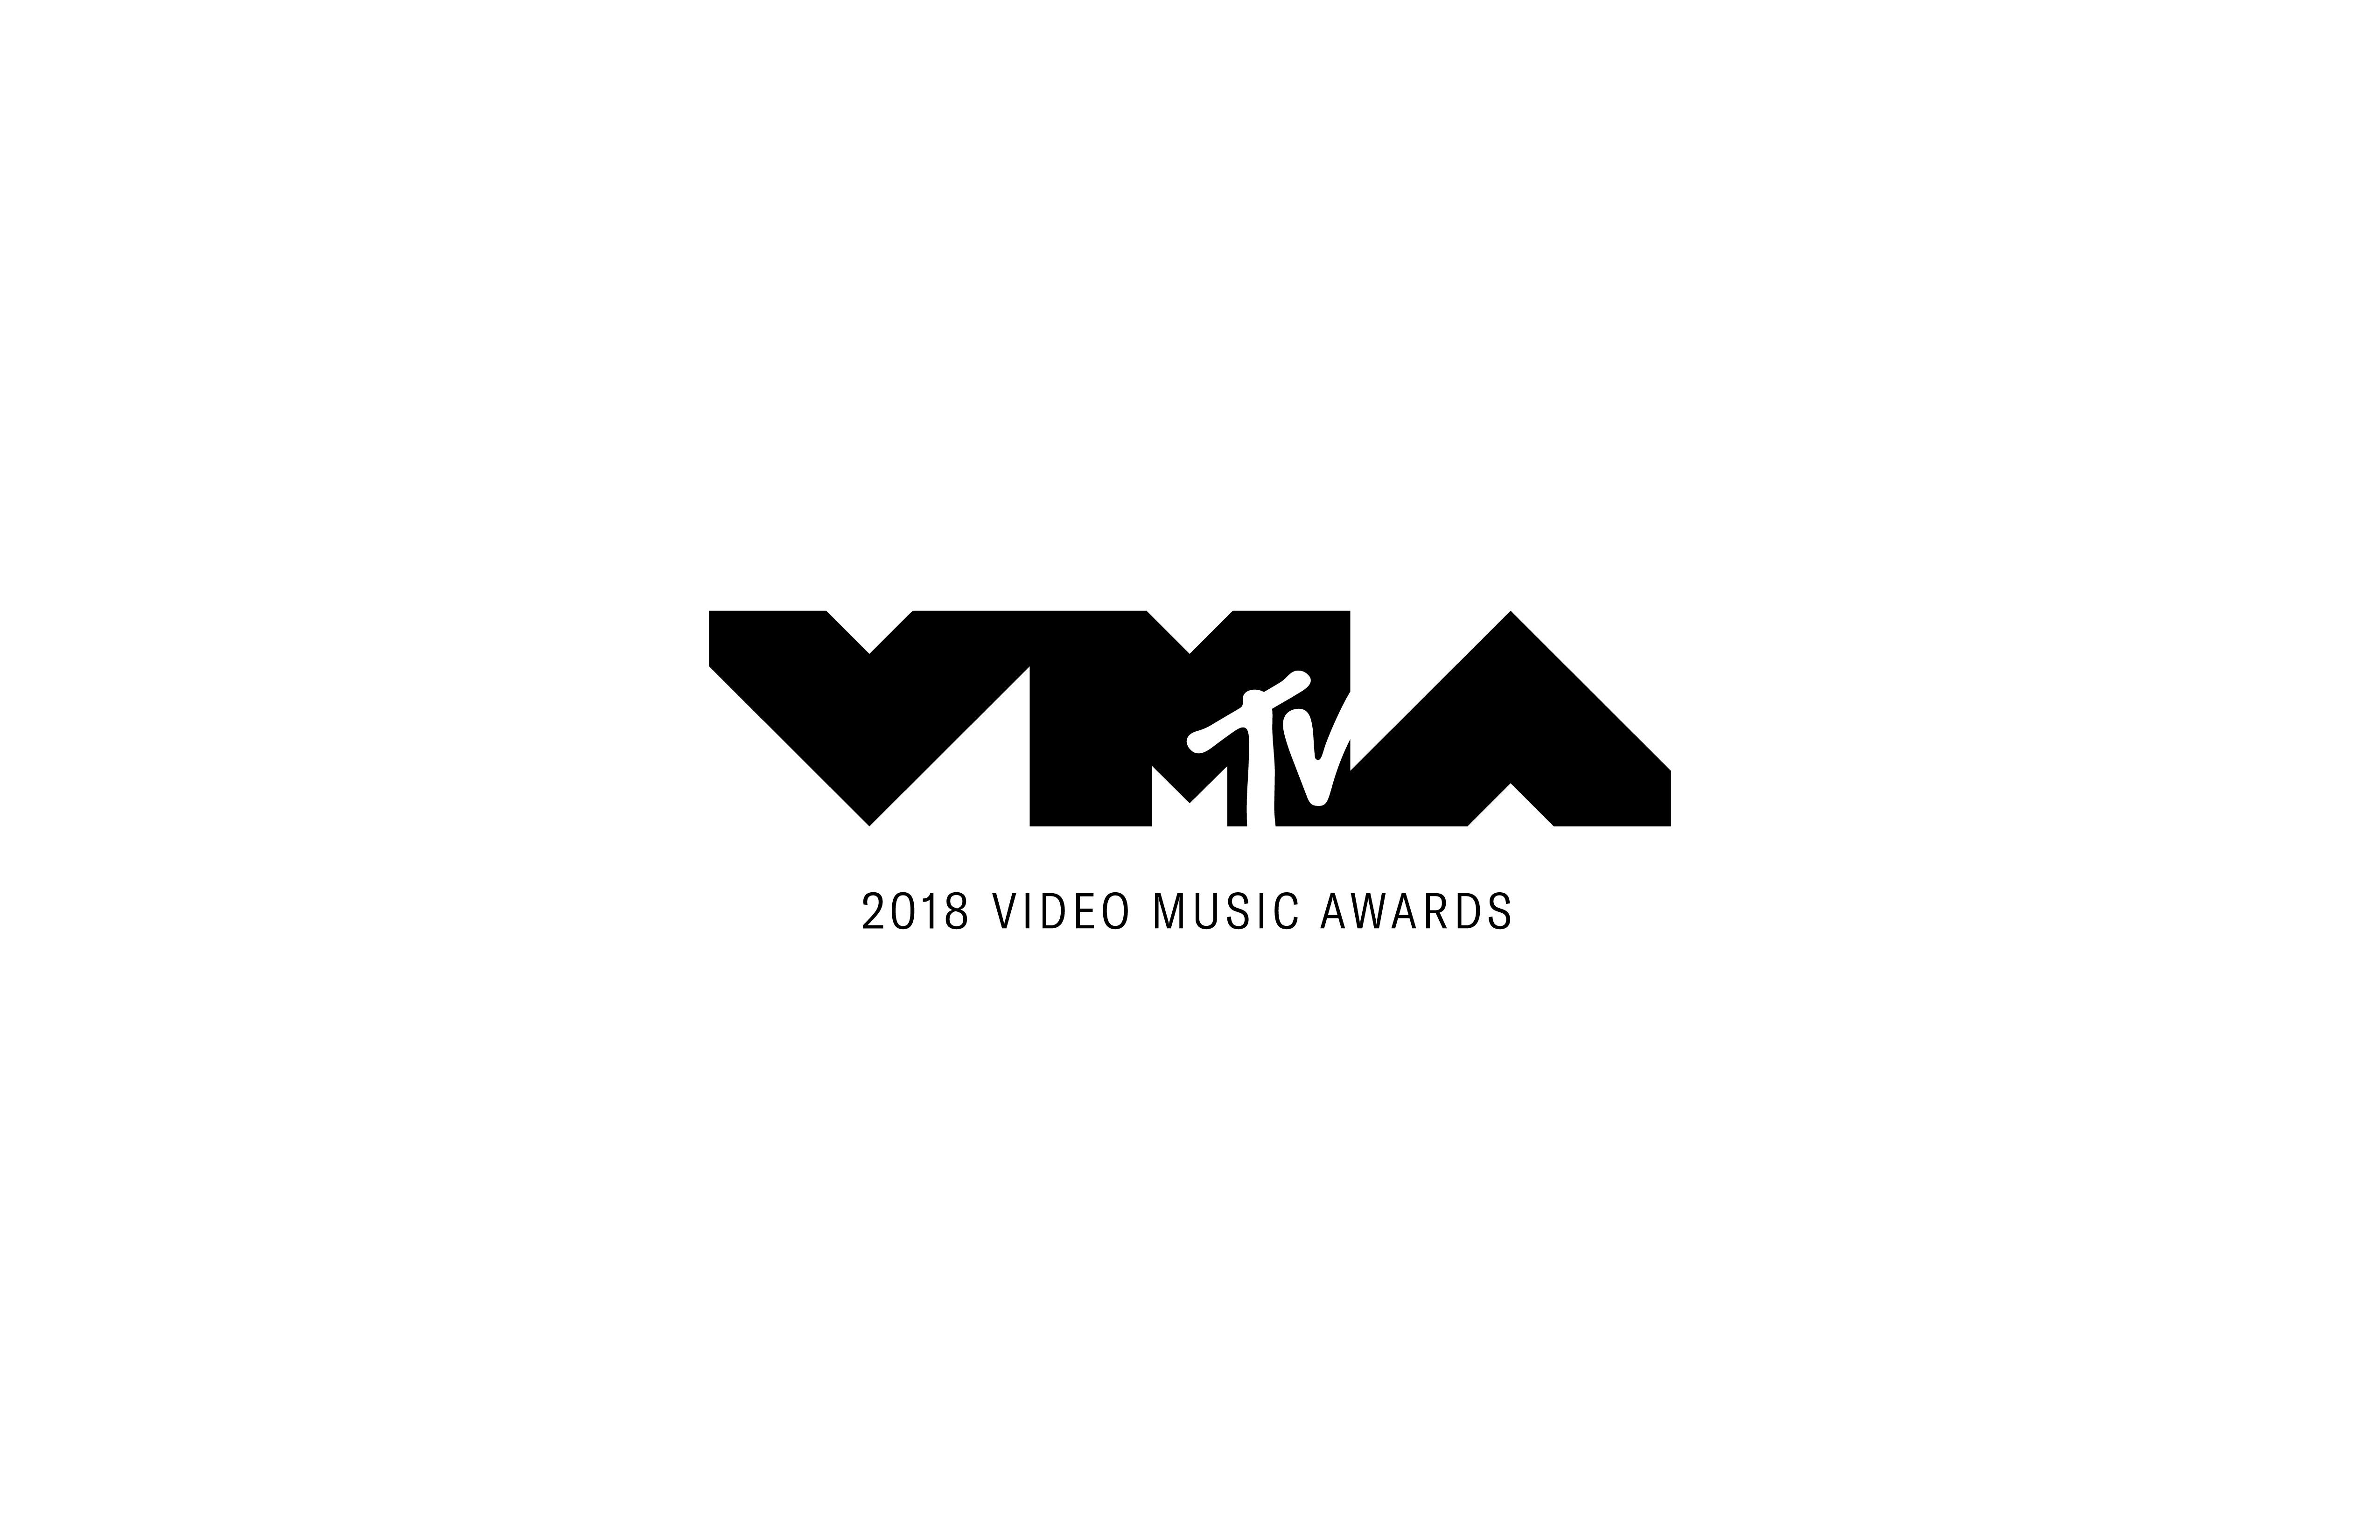 VMAs_MTV_2018_logo.jpg